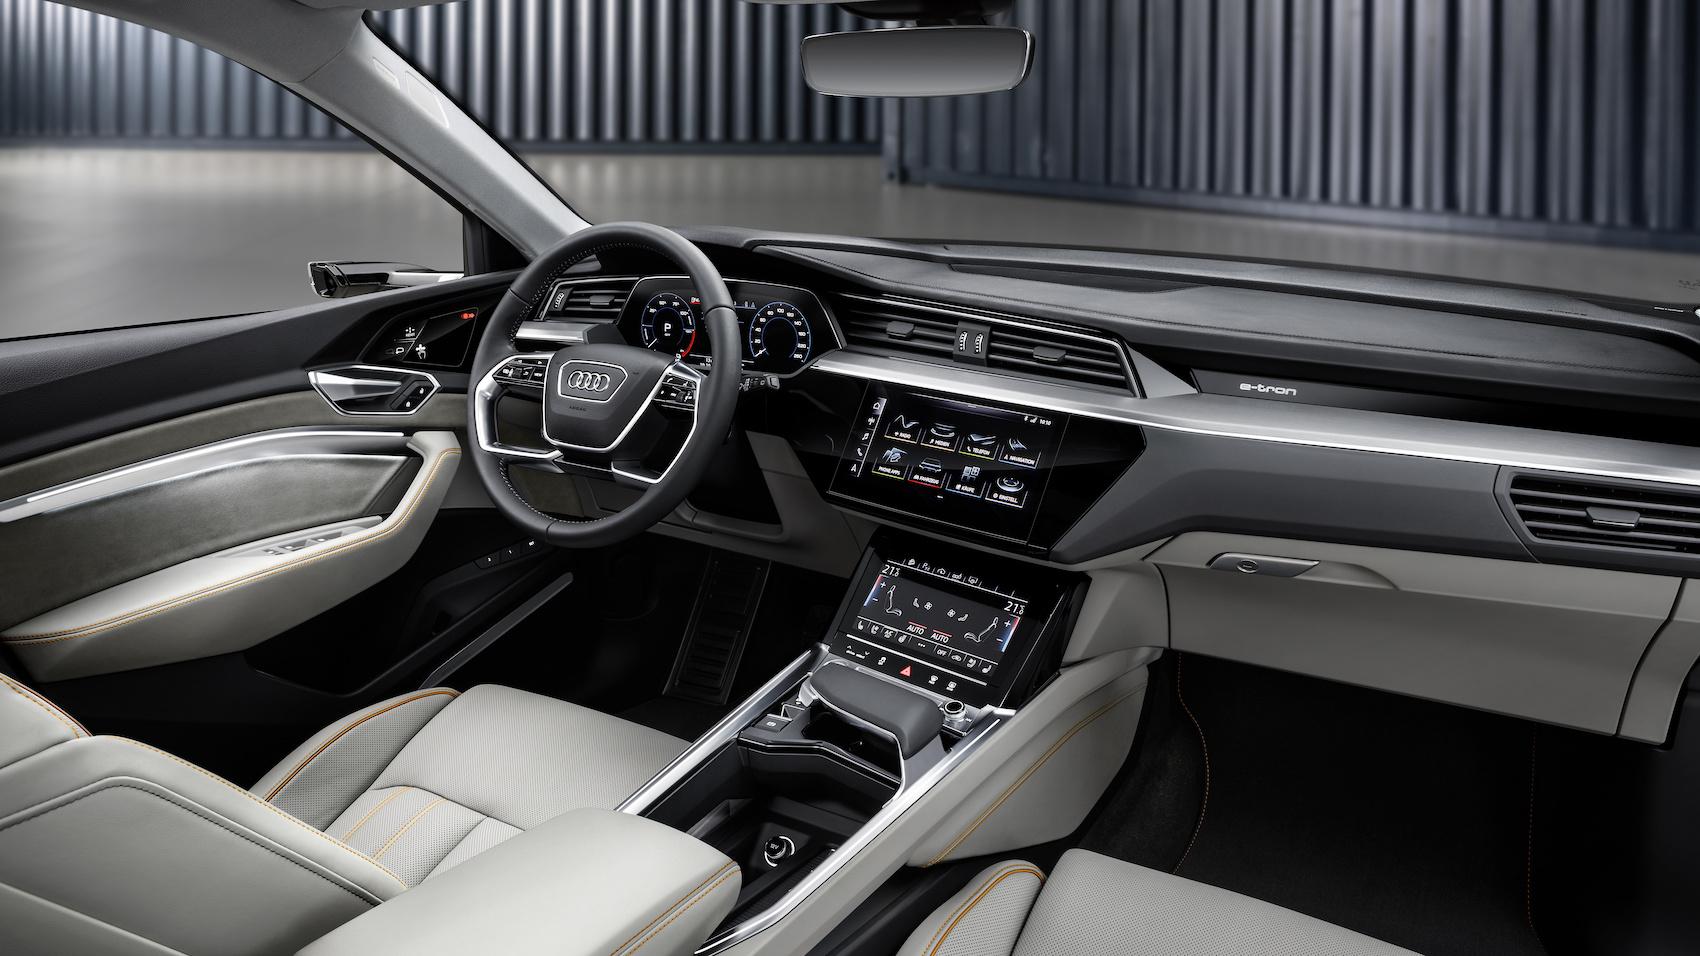 L'Audi e-tron marie la performance électrique et une connectivité futuriste avec une pleine et entière adéquation à l'usage quotidien.